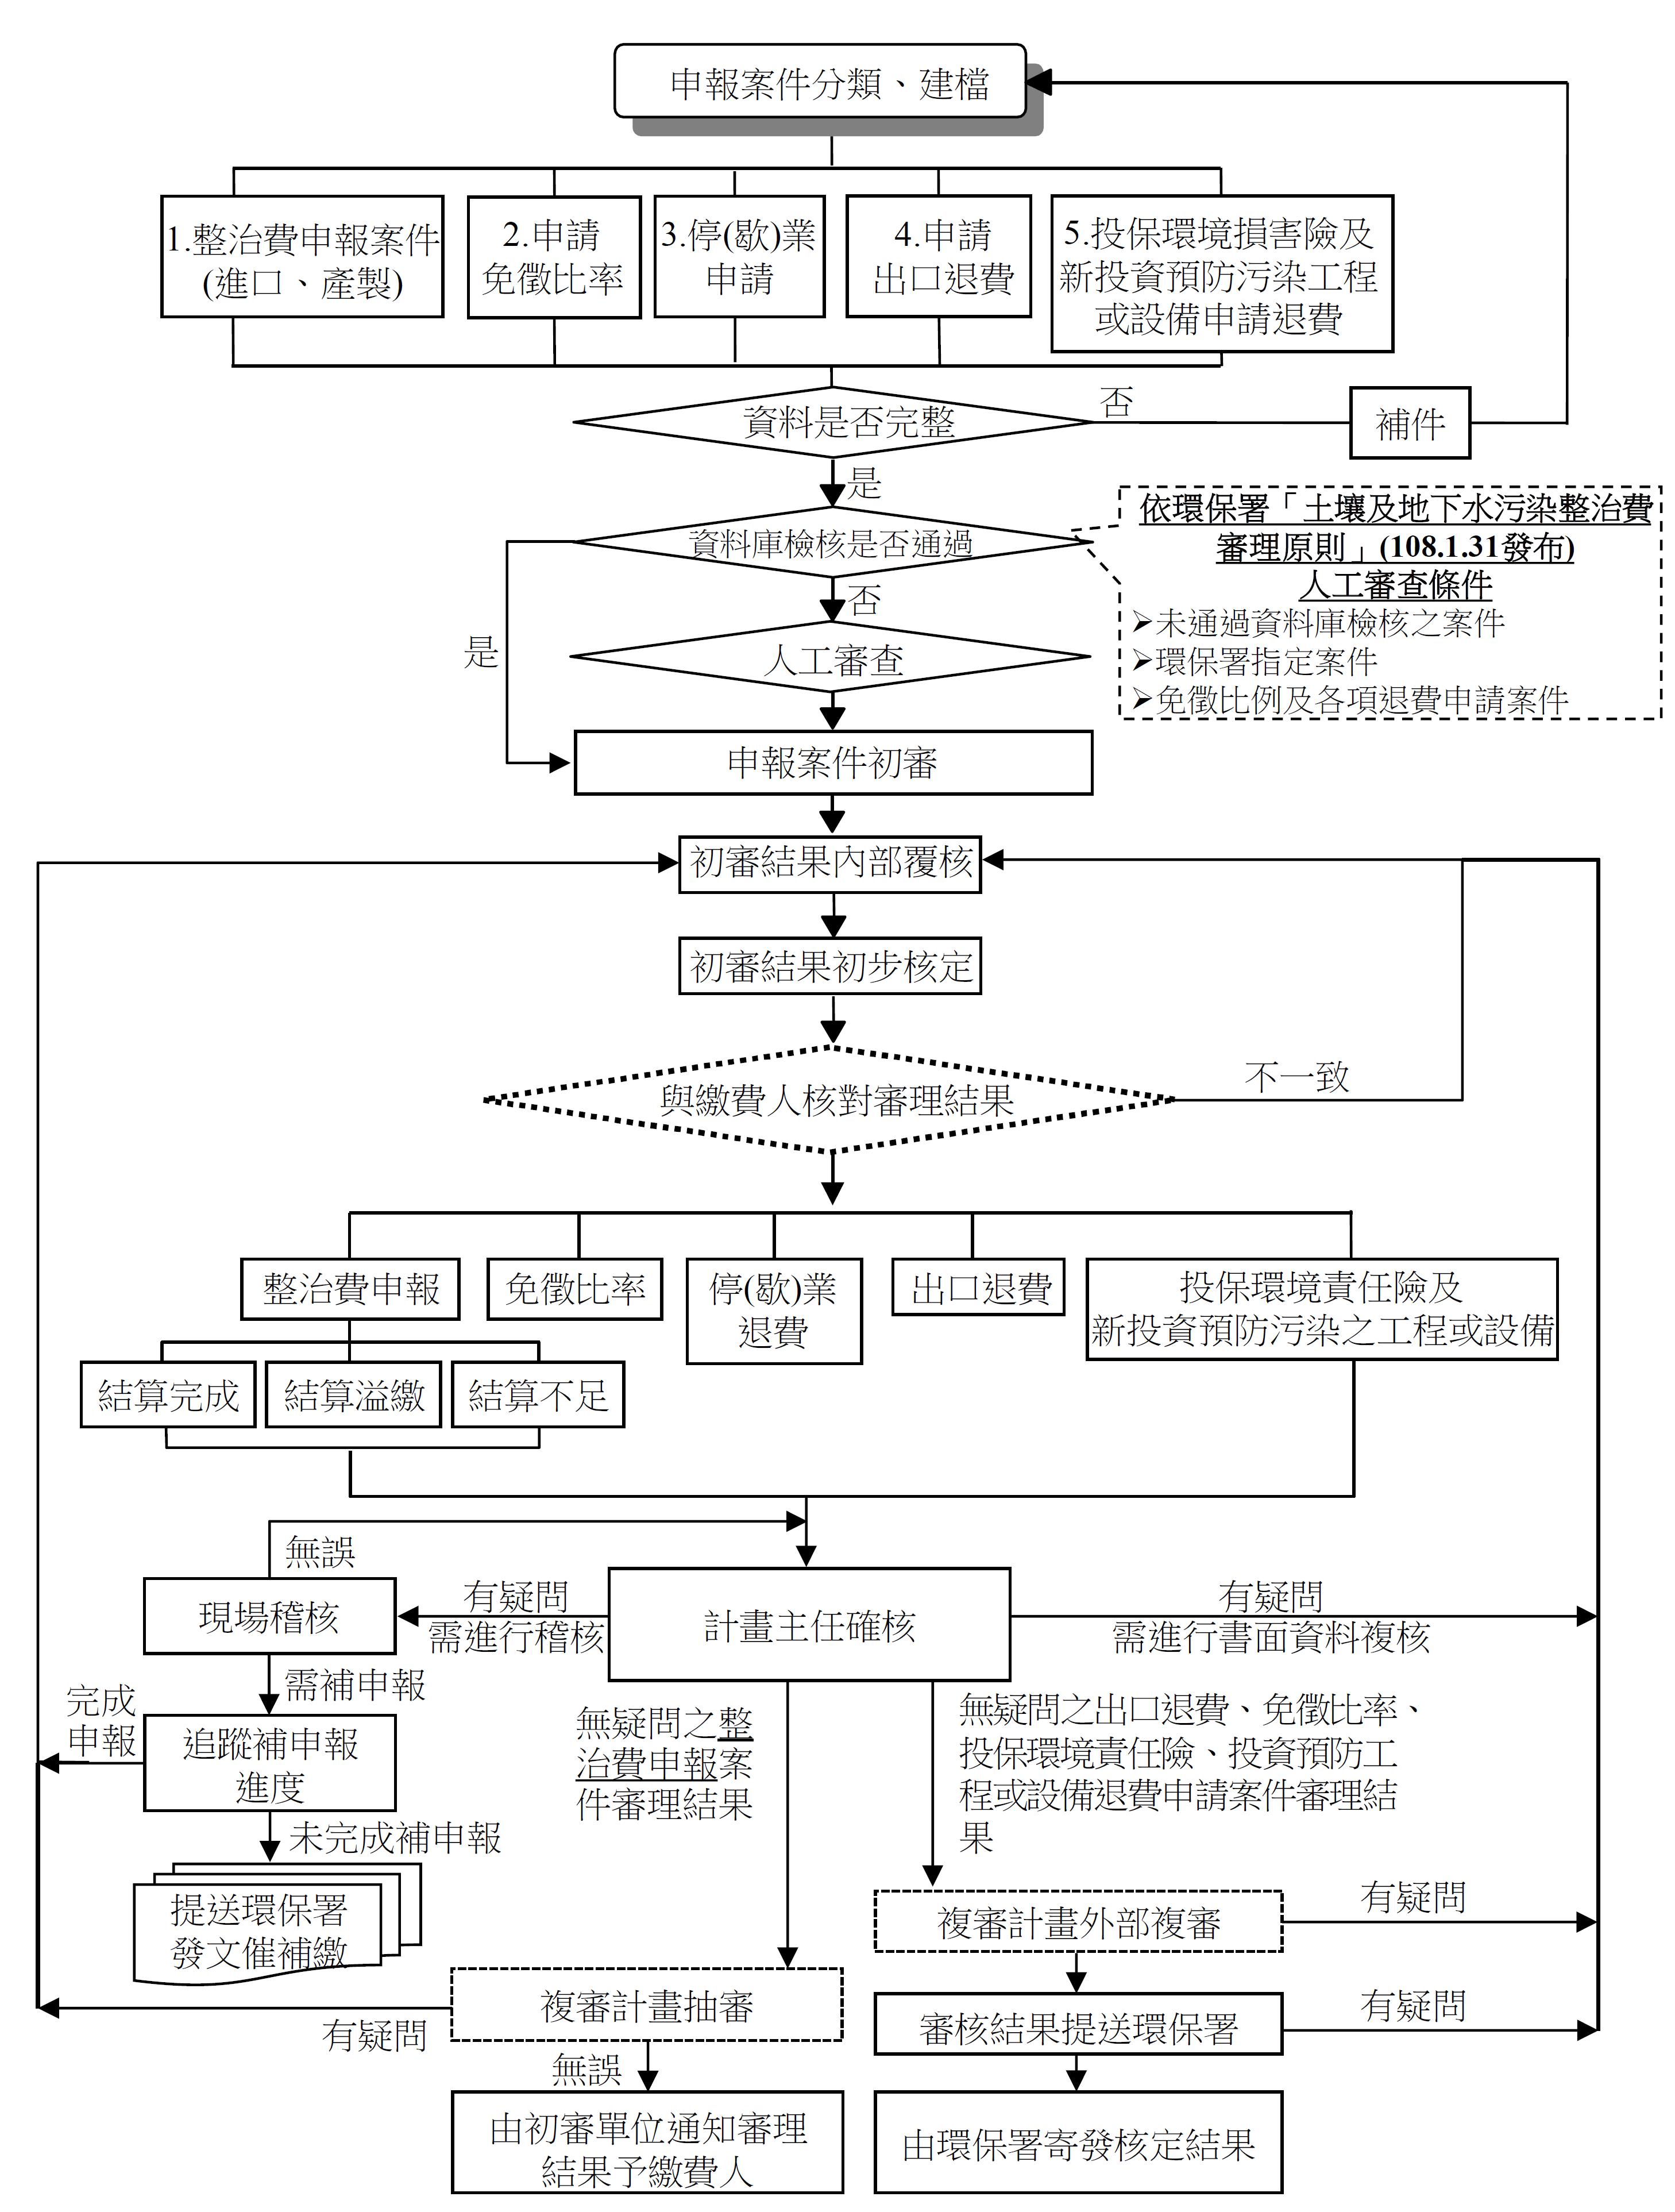 圖1 整治費整體審理作業流程